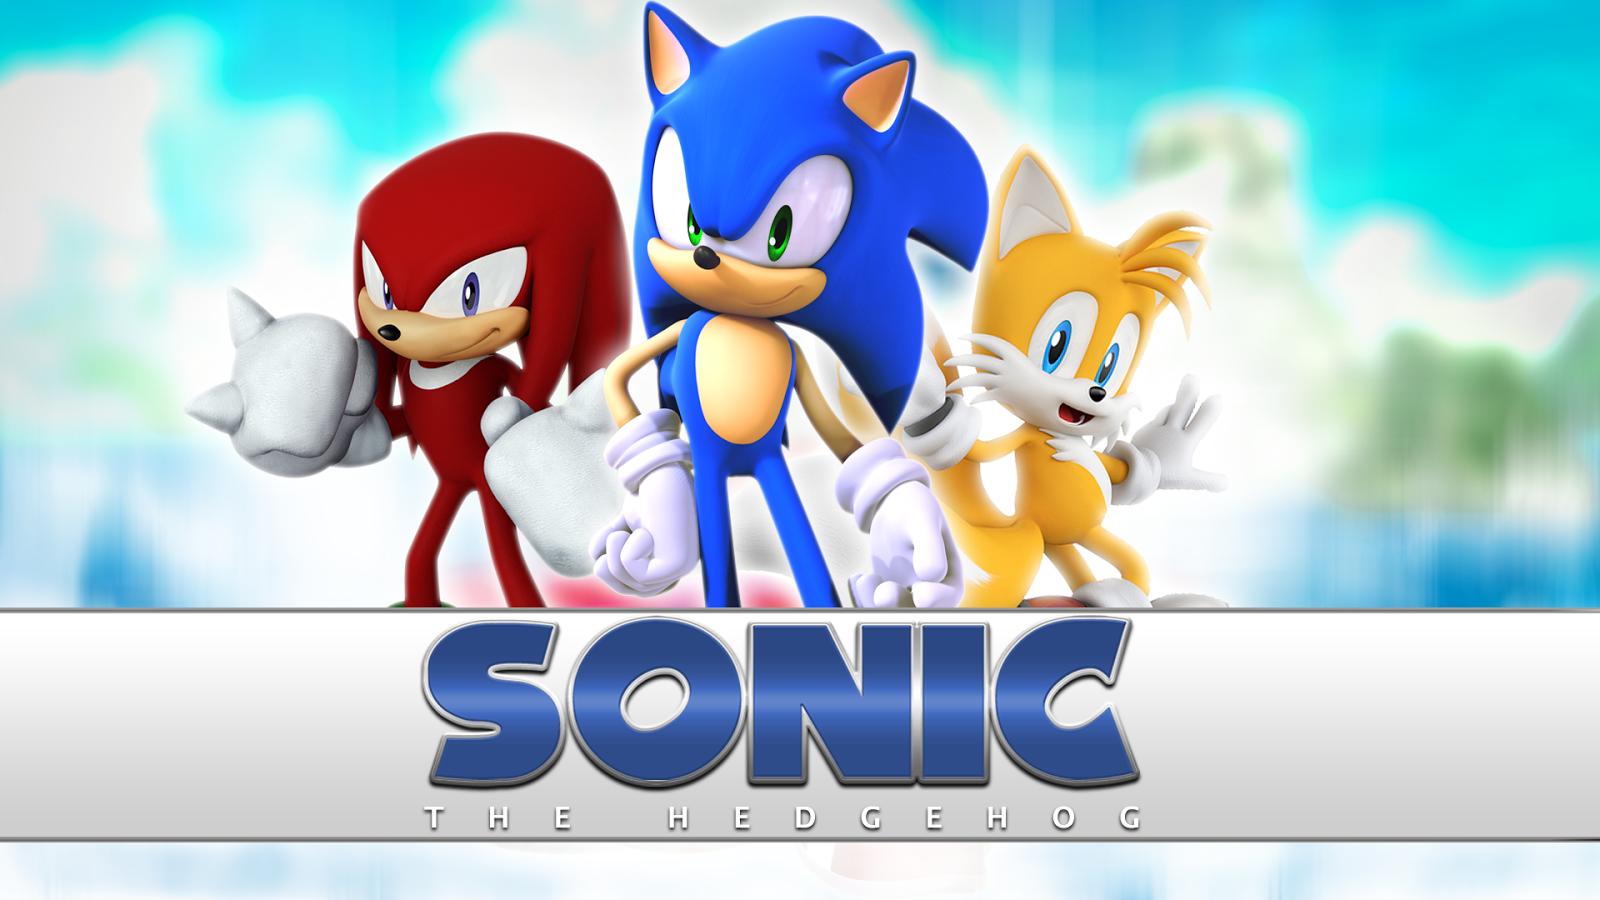 sonic the hedgehog wallpaper hd | ! sonique the hedgehog + klonoa